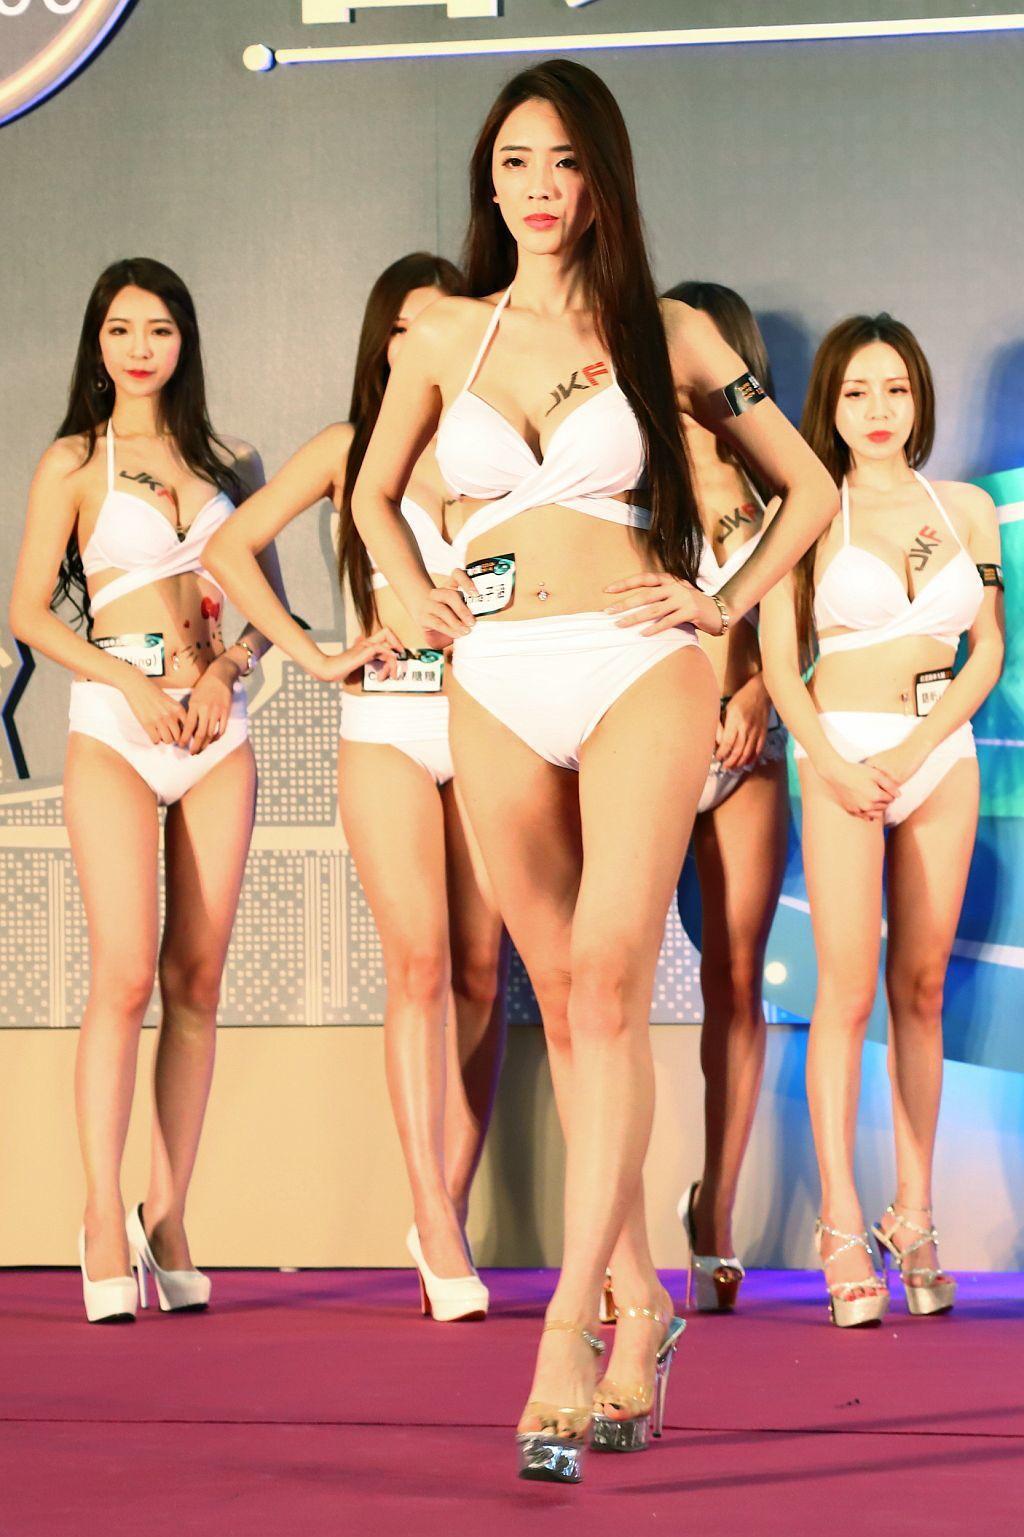 腿長擁有110cm,身材比例為九頭身的「子涵」。 記者張振群/攝影